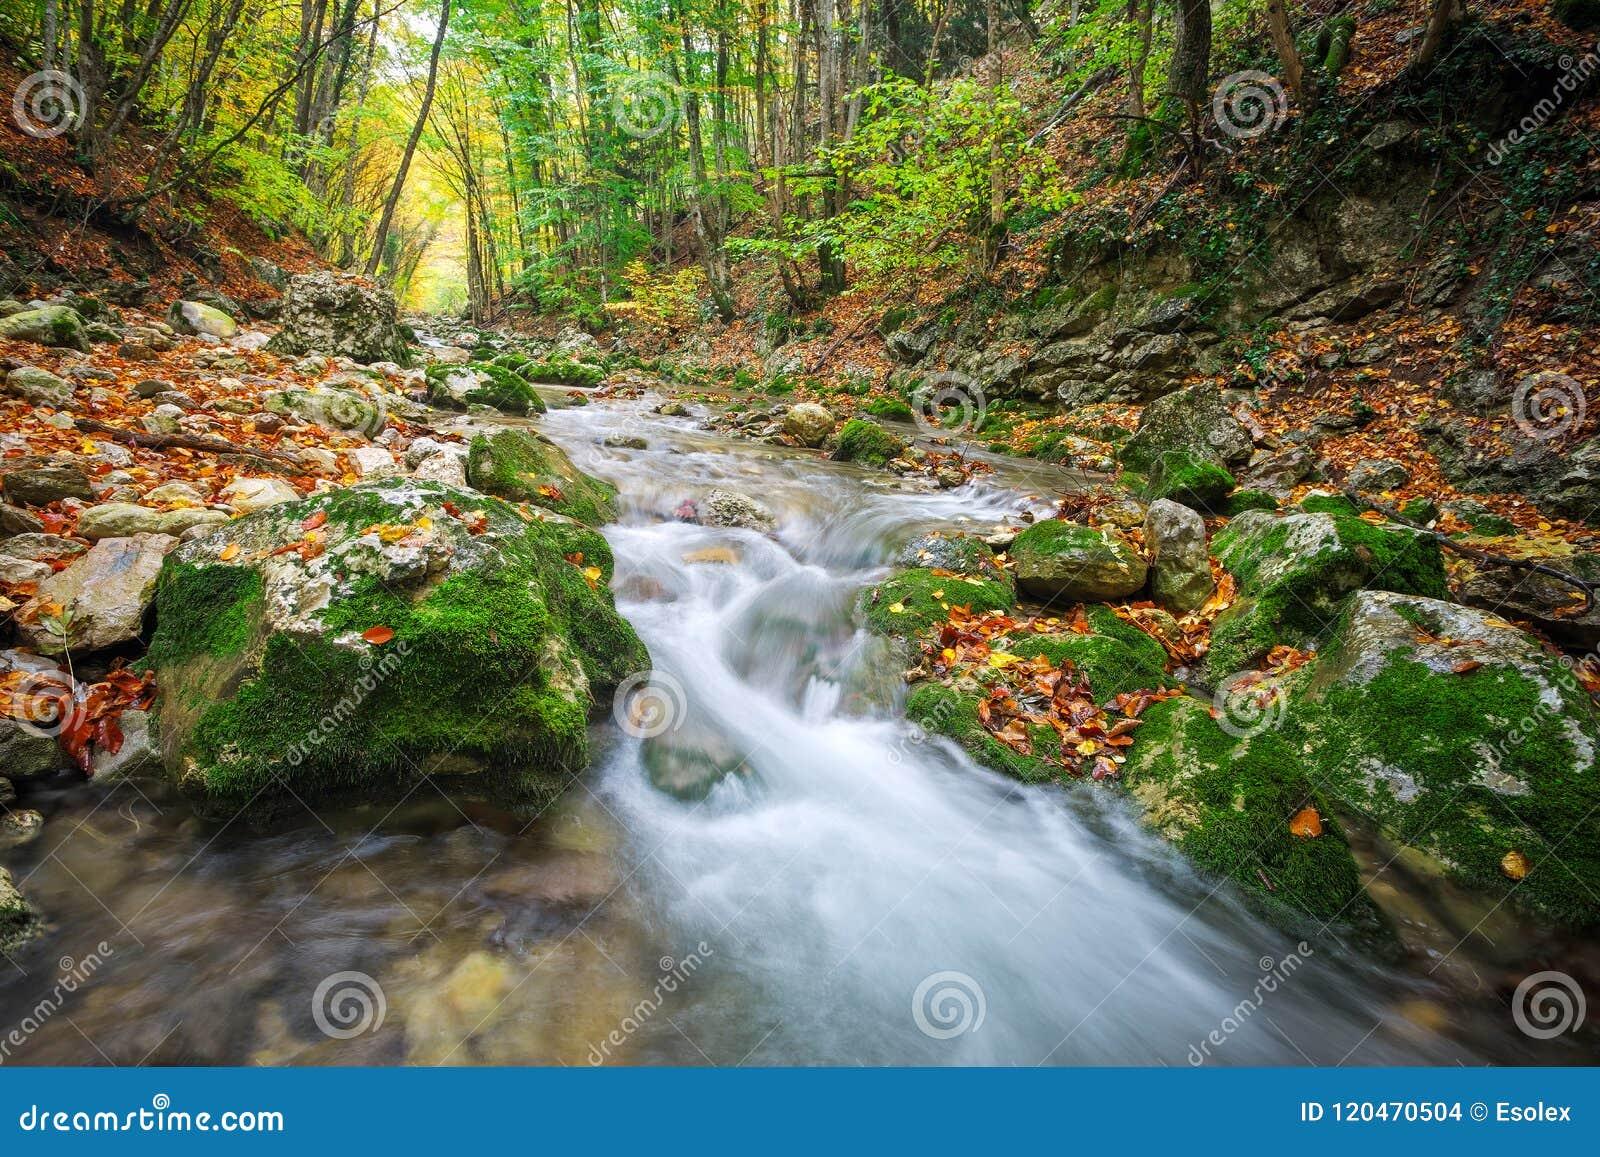 Schöne Herbstlandschaft mit Gebirgsfluss, Steine